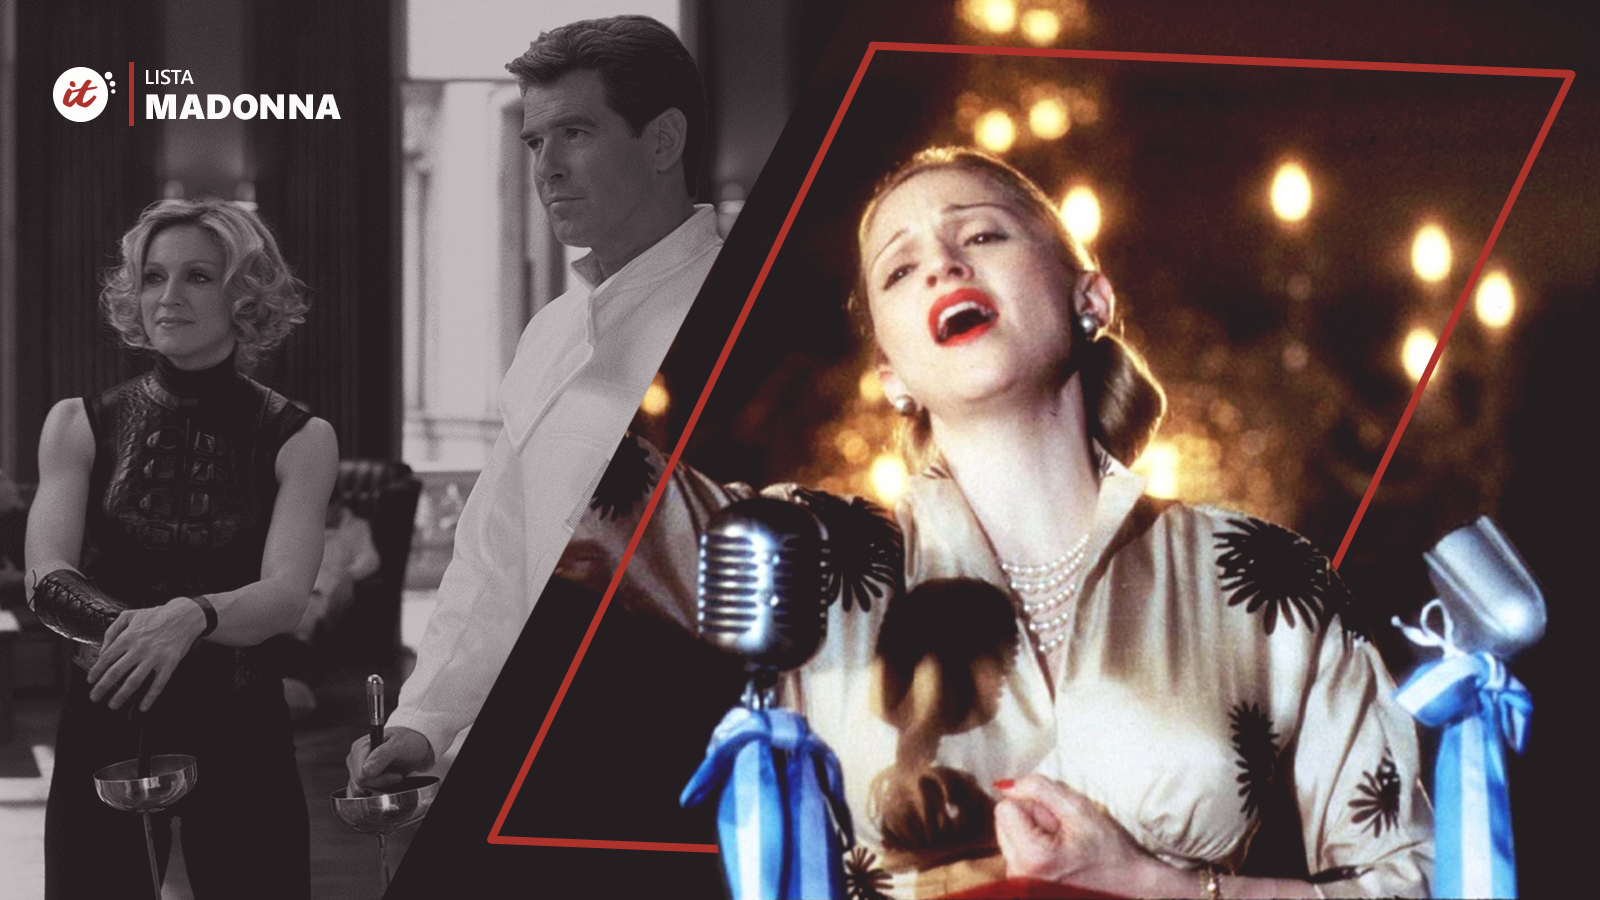 Completando 60 anos nesta semana, podemos dizer que Madonna já fez de tudo né?